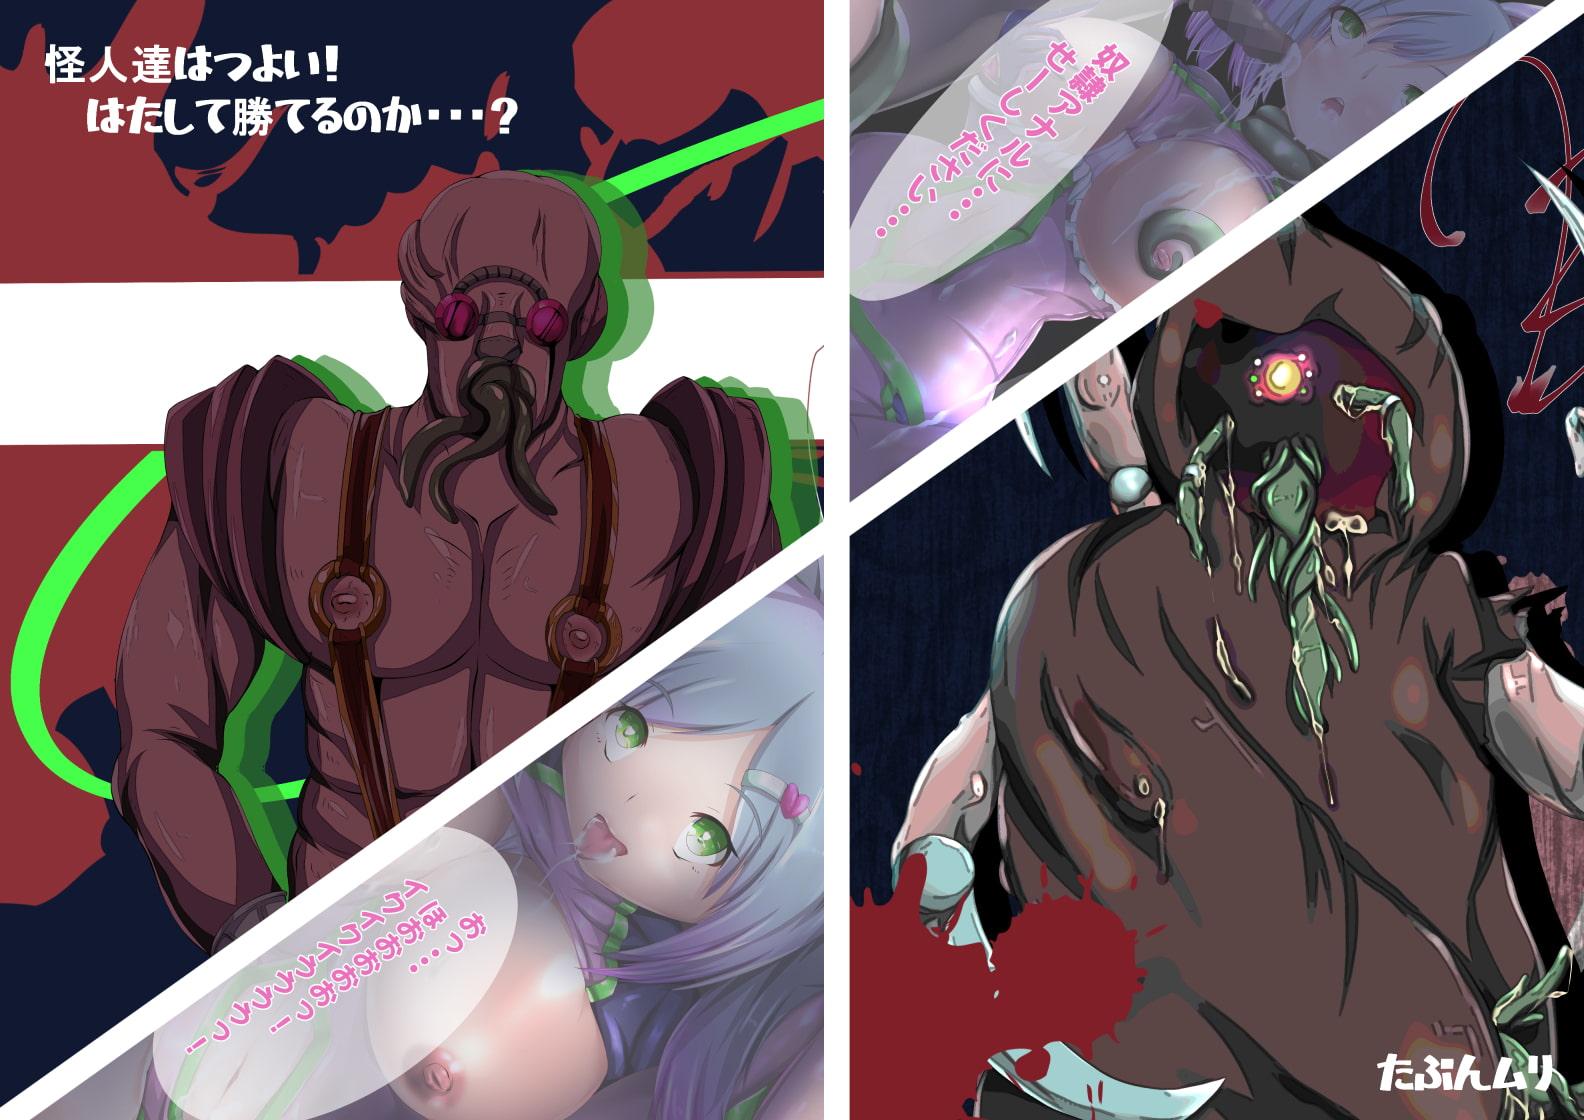 奴隷戦姫ライレーブ (山川田楽) DLsite提供:同人作品 – CG・イラスト